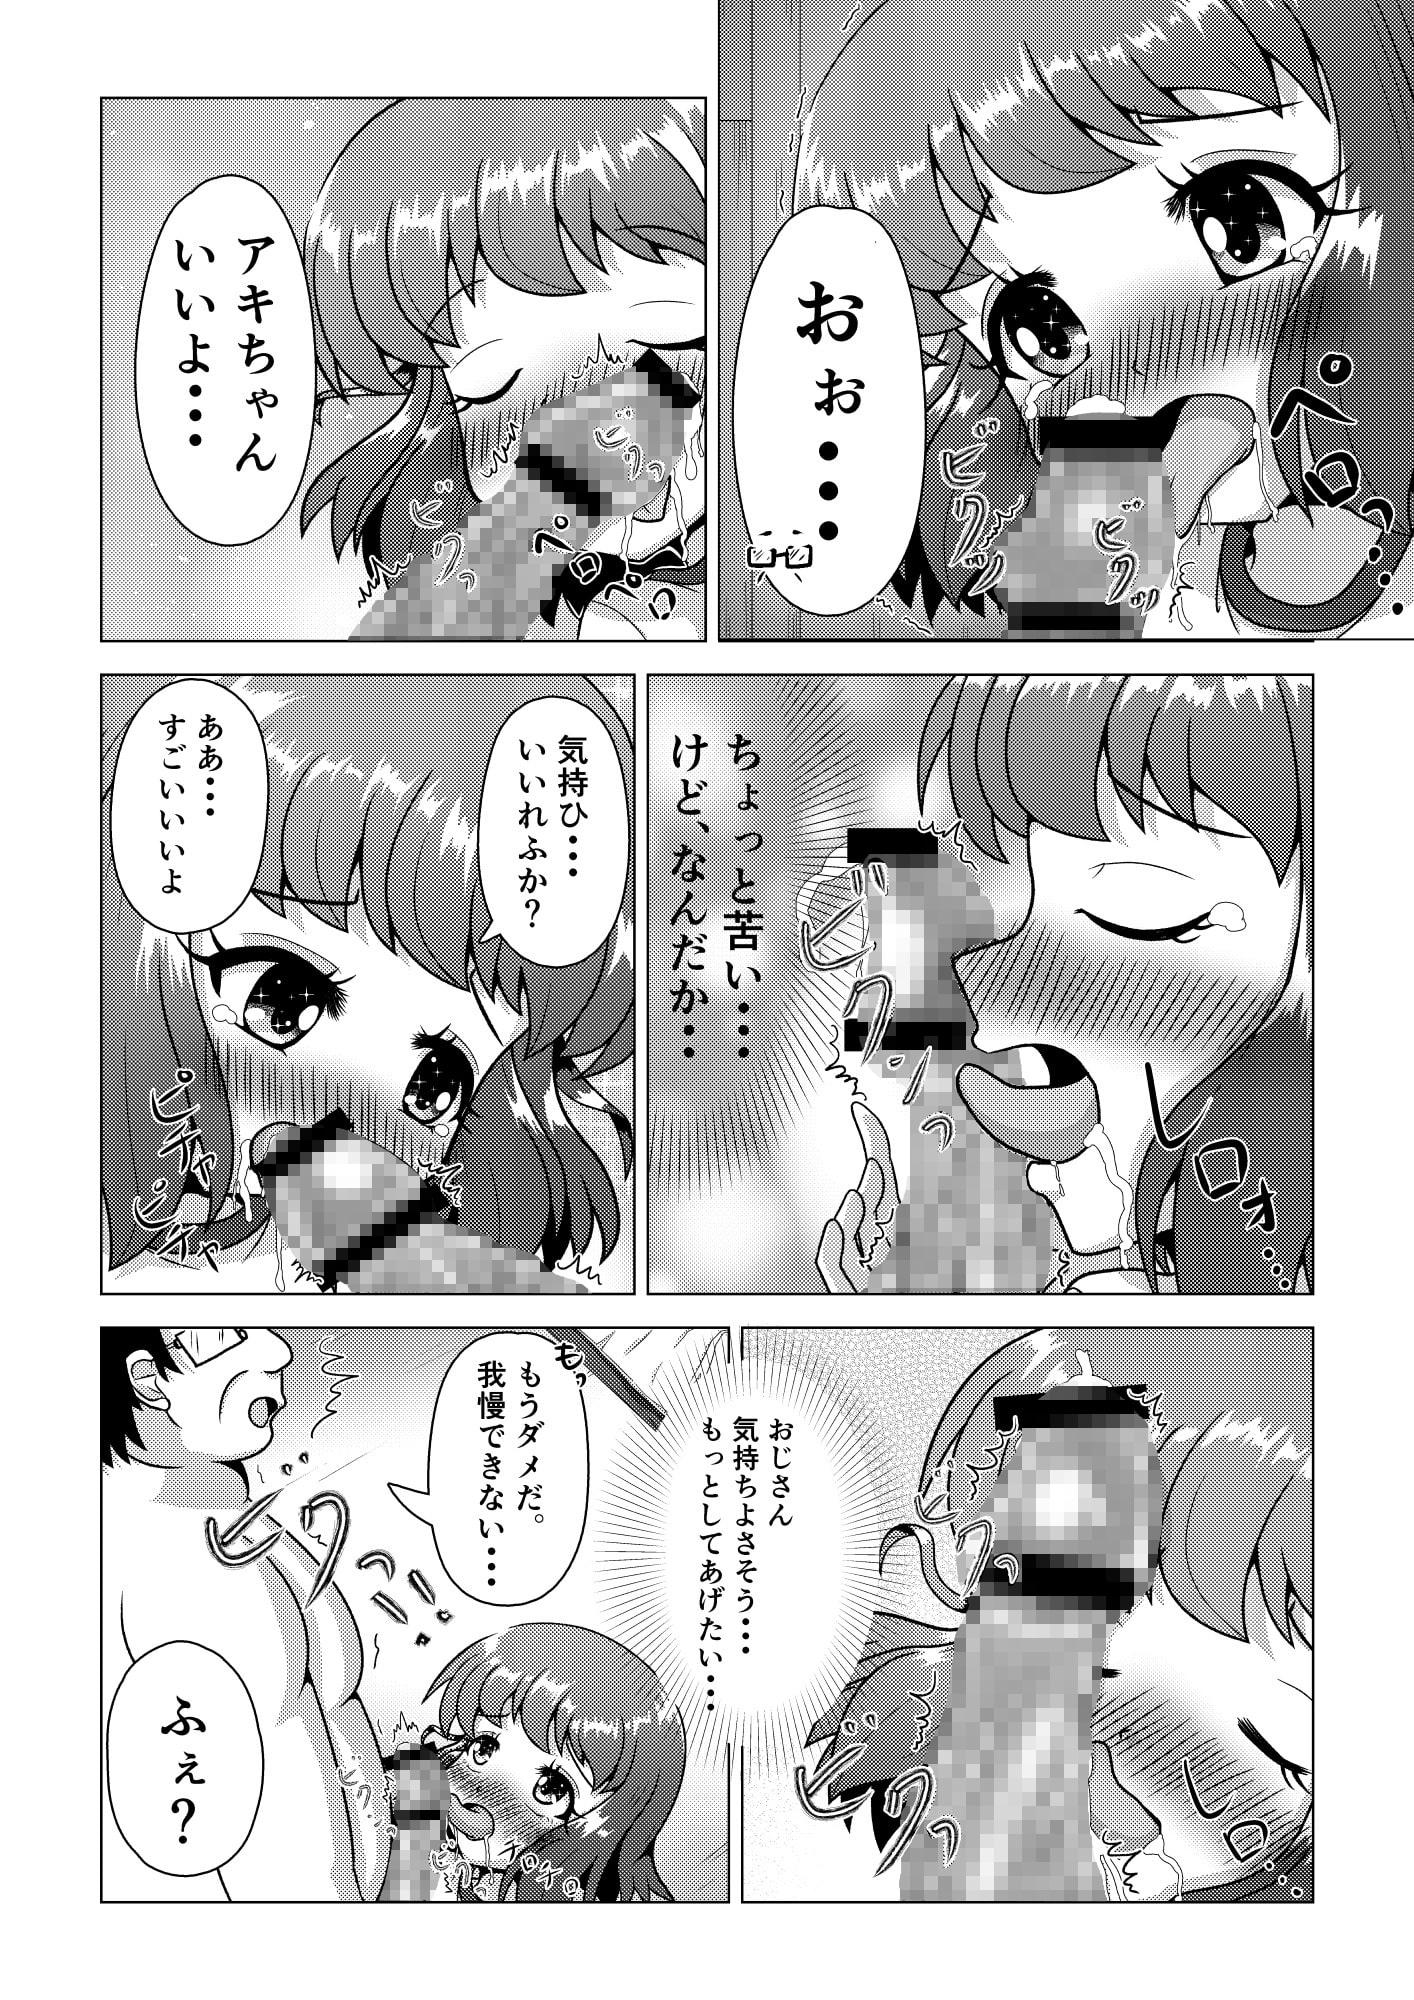 初ウリ男の娘アキ(くん) ~ブルマでお触り種付け初体験~